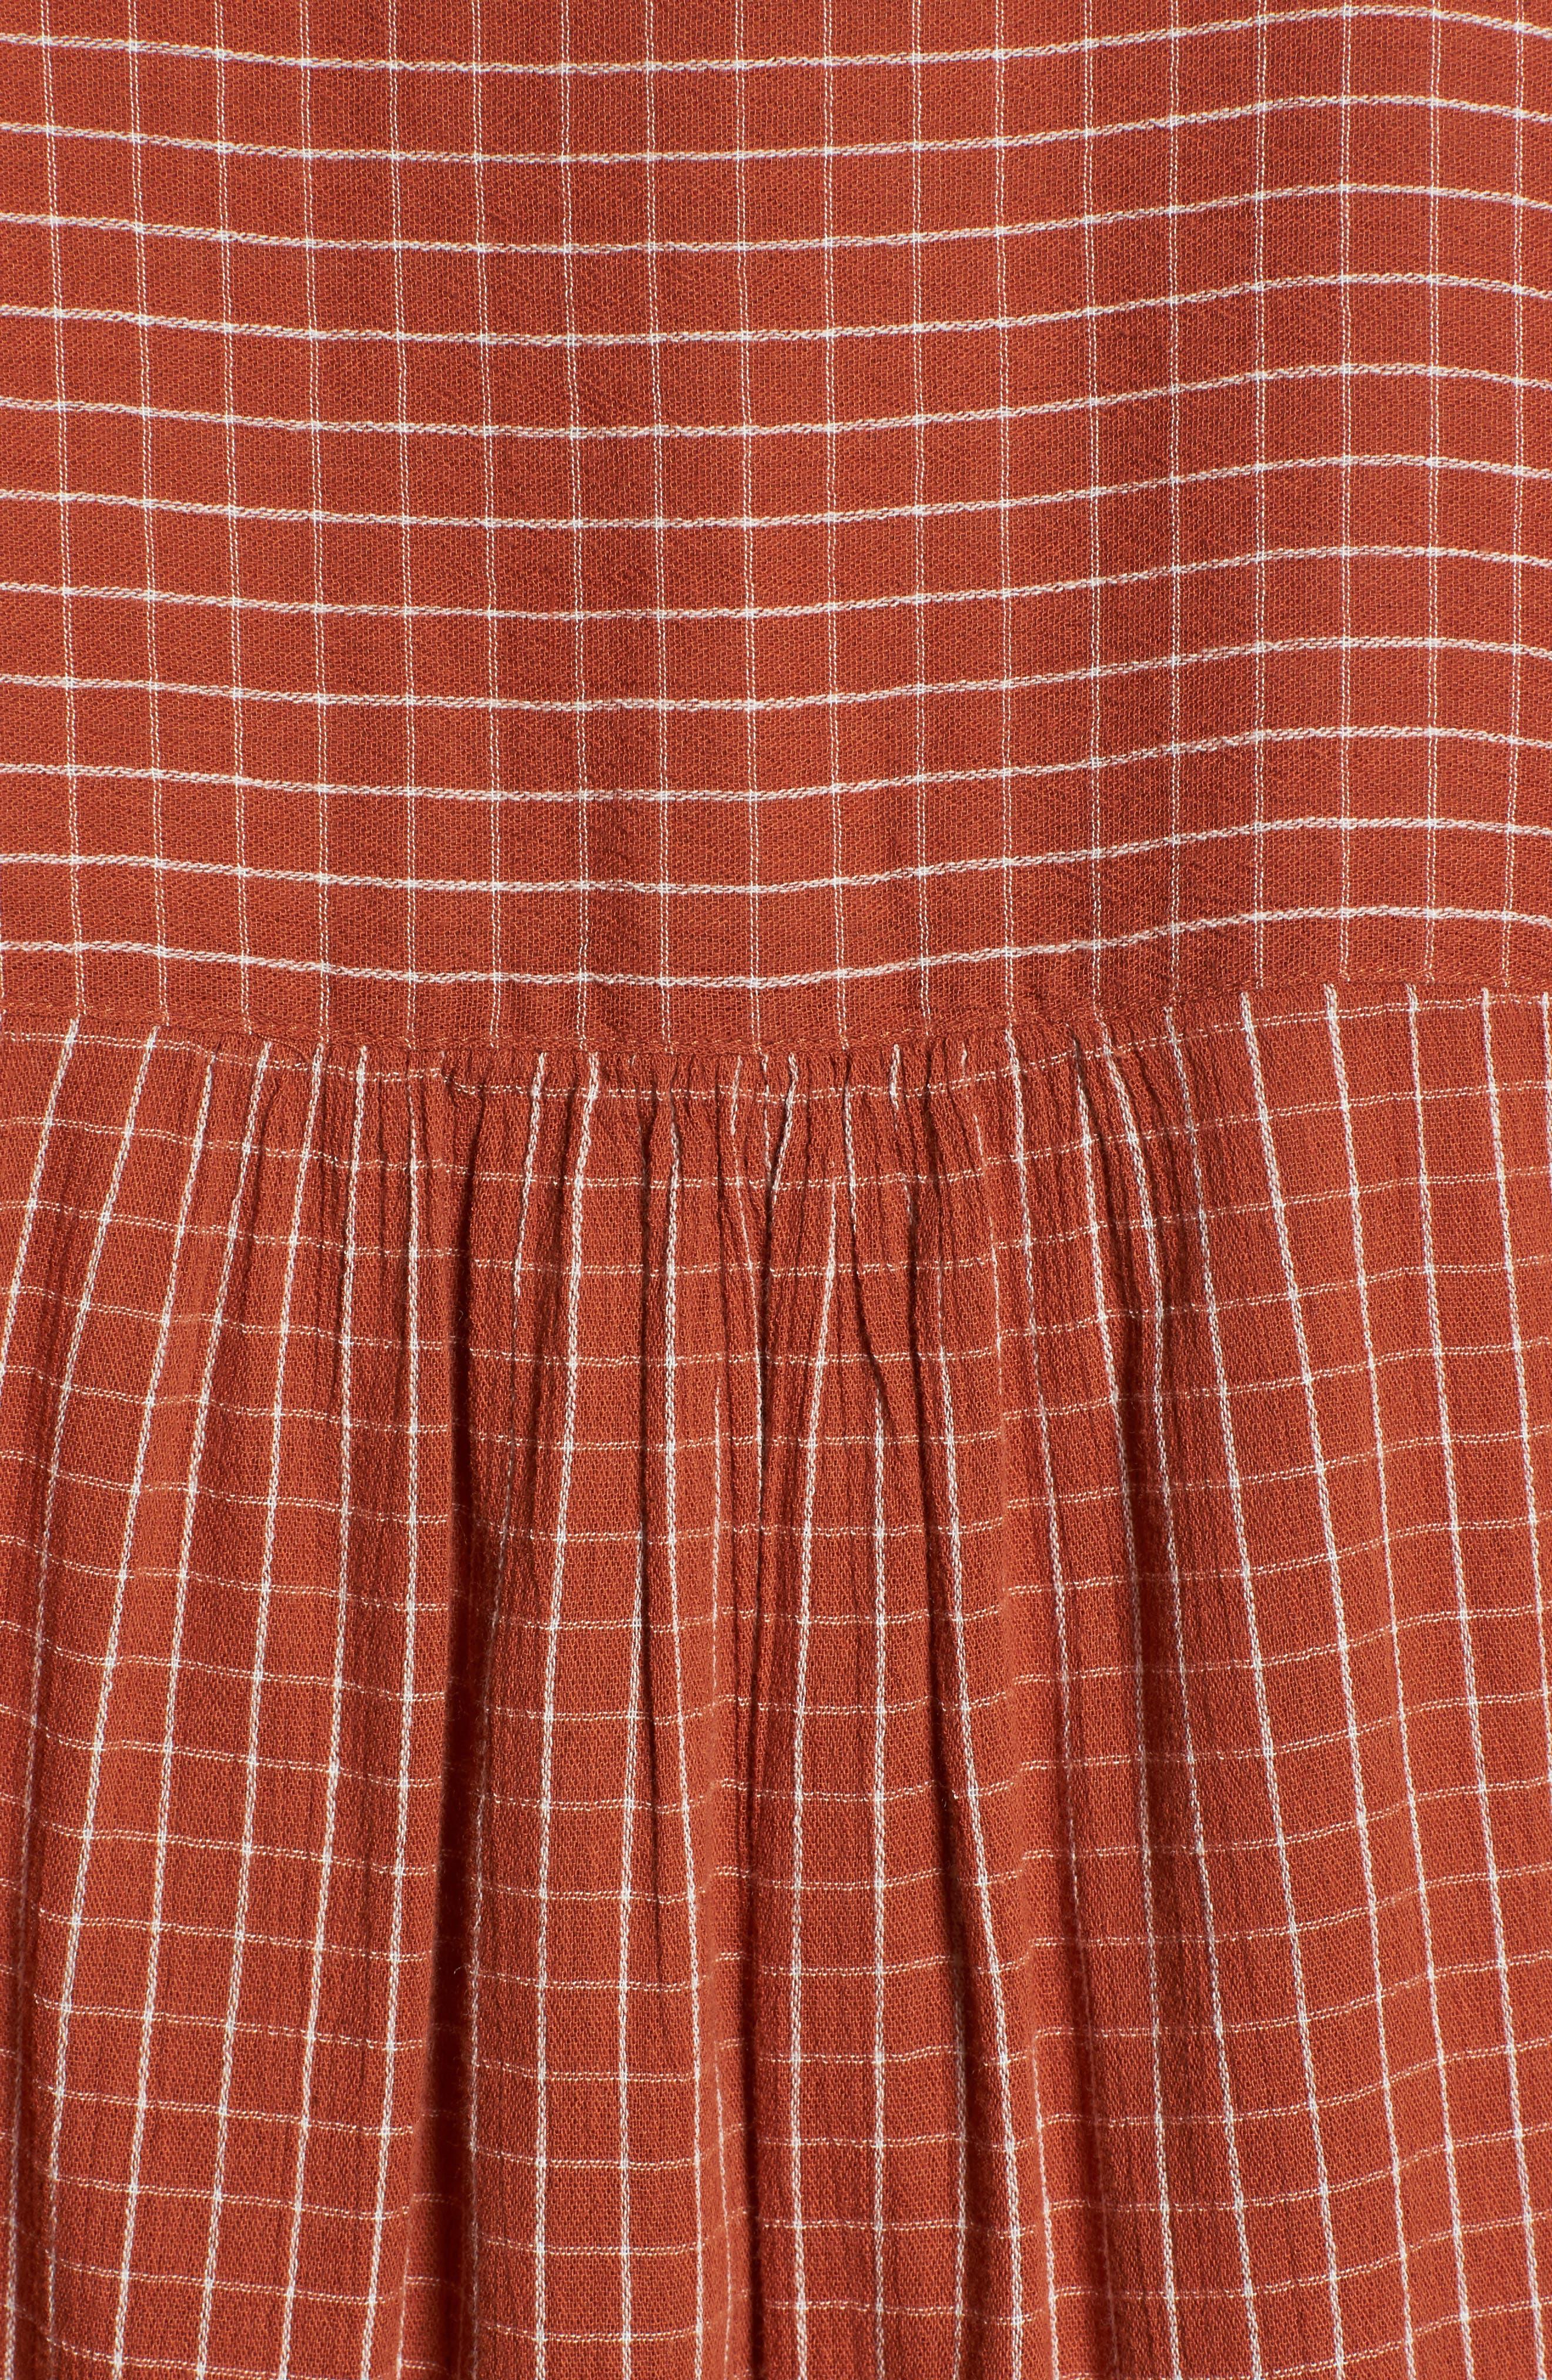 Veranda Bell Sleeve Shirt,                             Alternate thumbnail 5, color,                             800